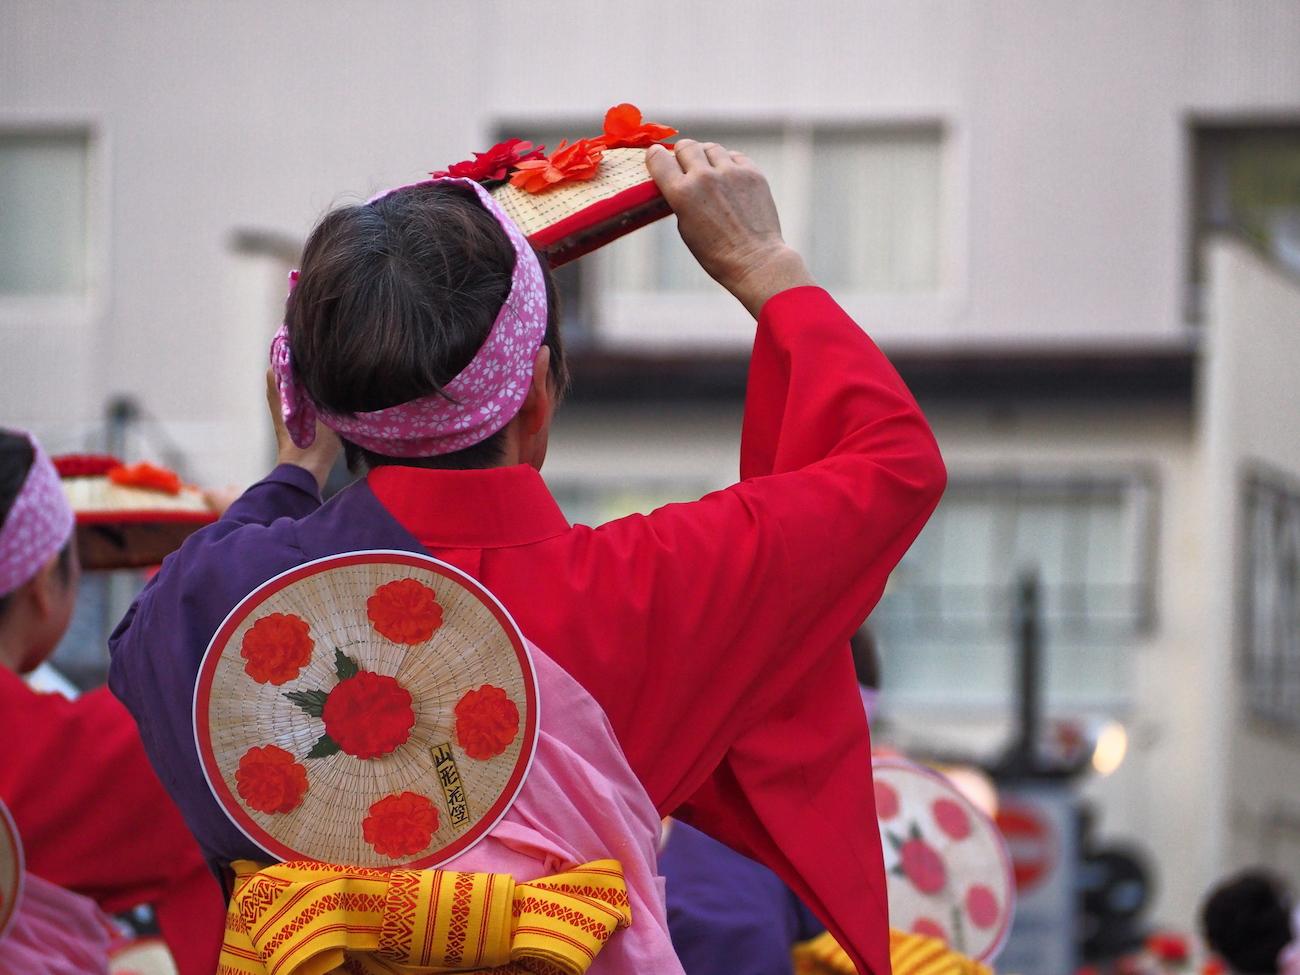 El festival de Hanagasa